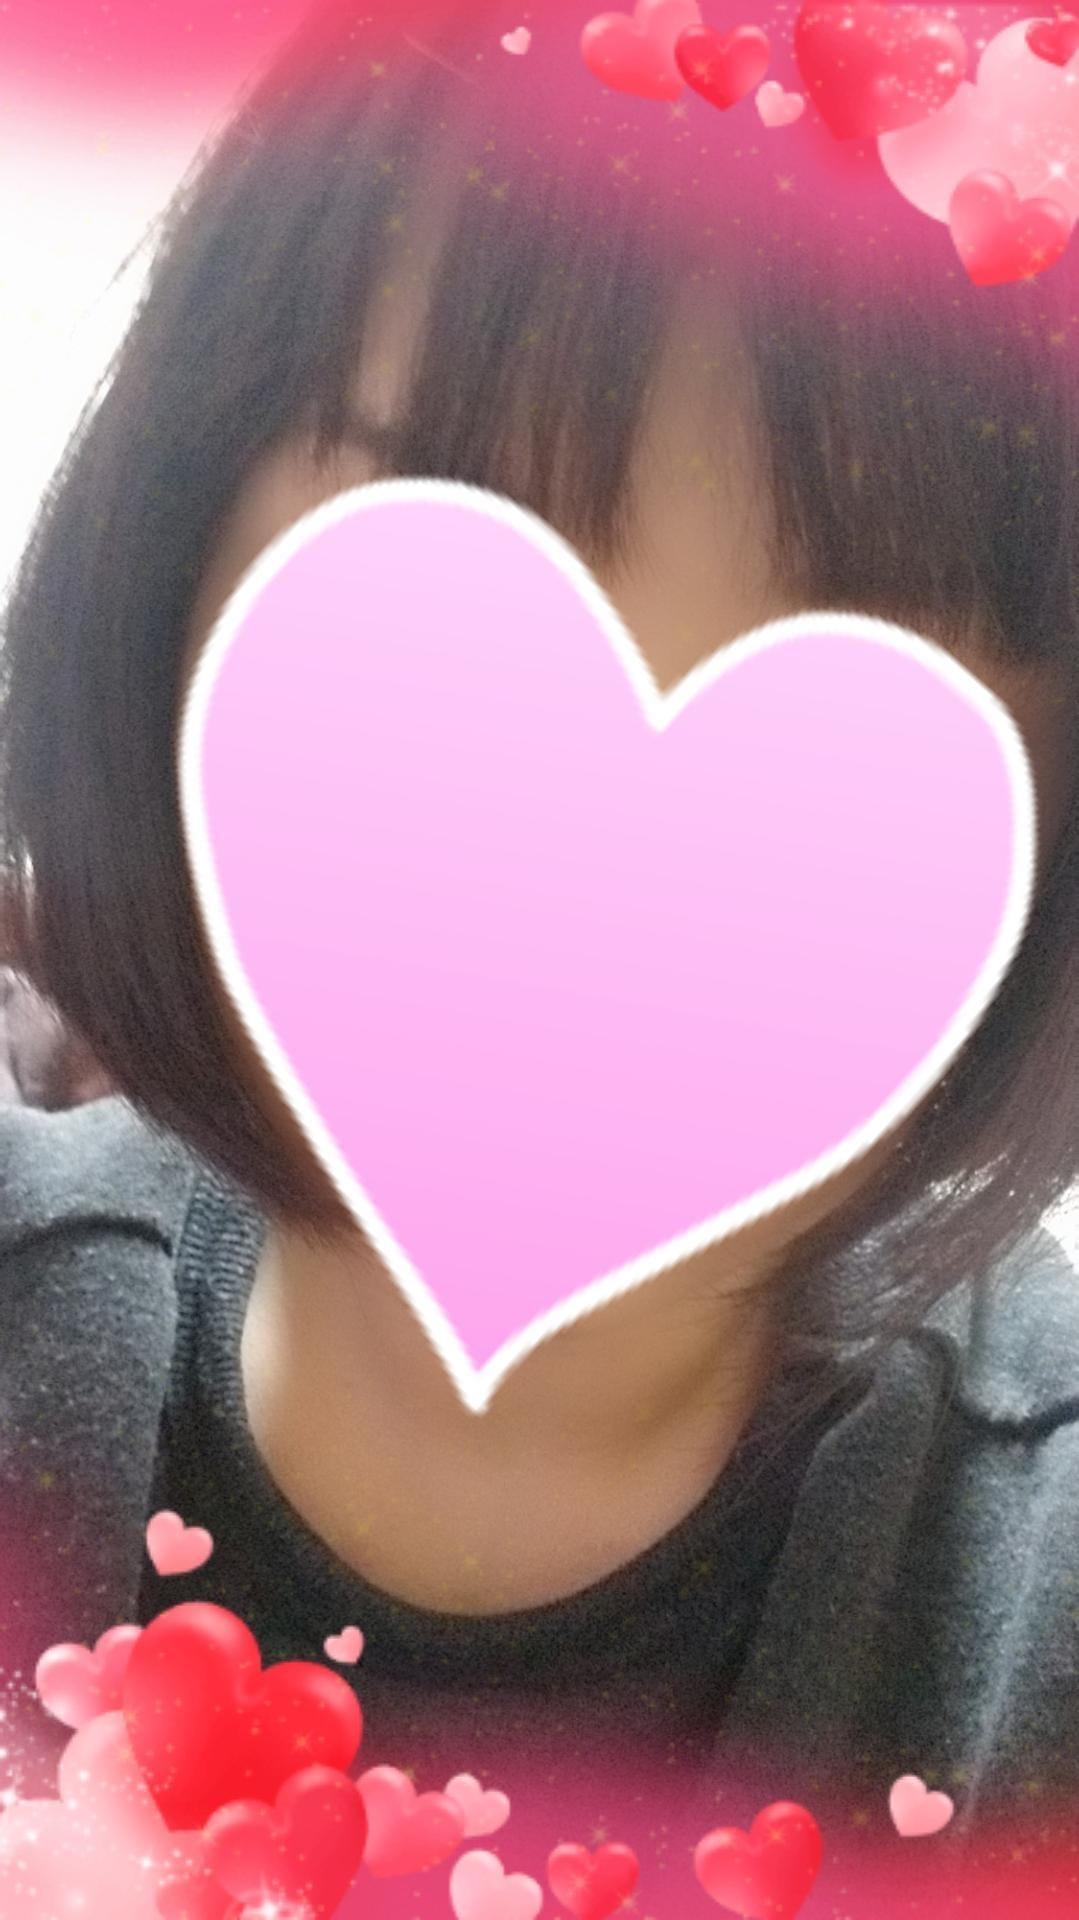 「こんばんゎ」12/10(火) 19:59 | さなりの写メ・風俗動画